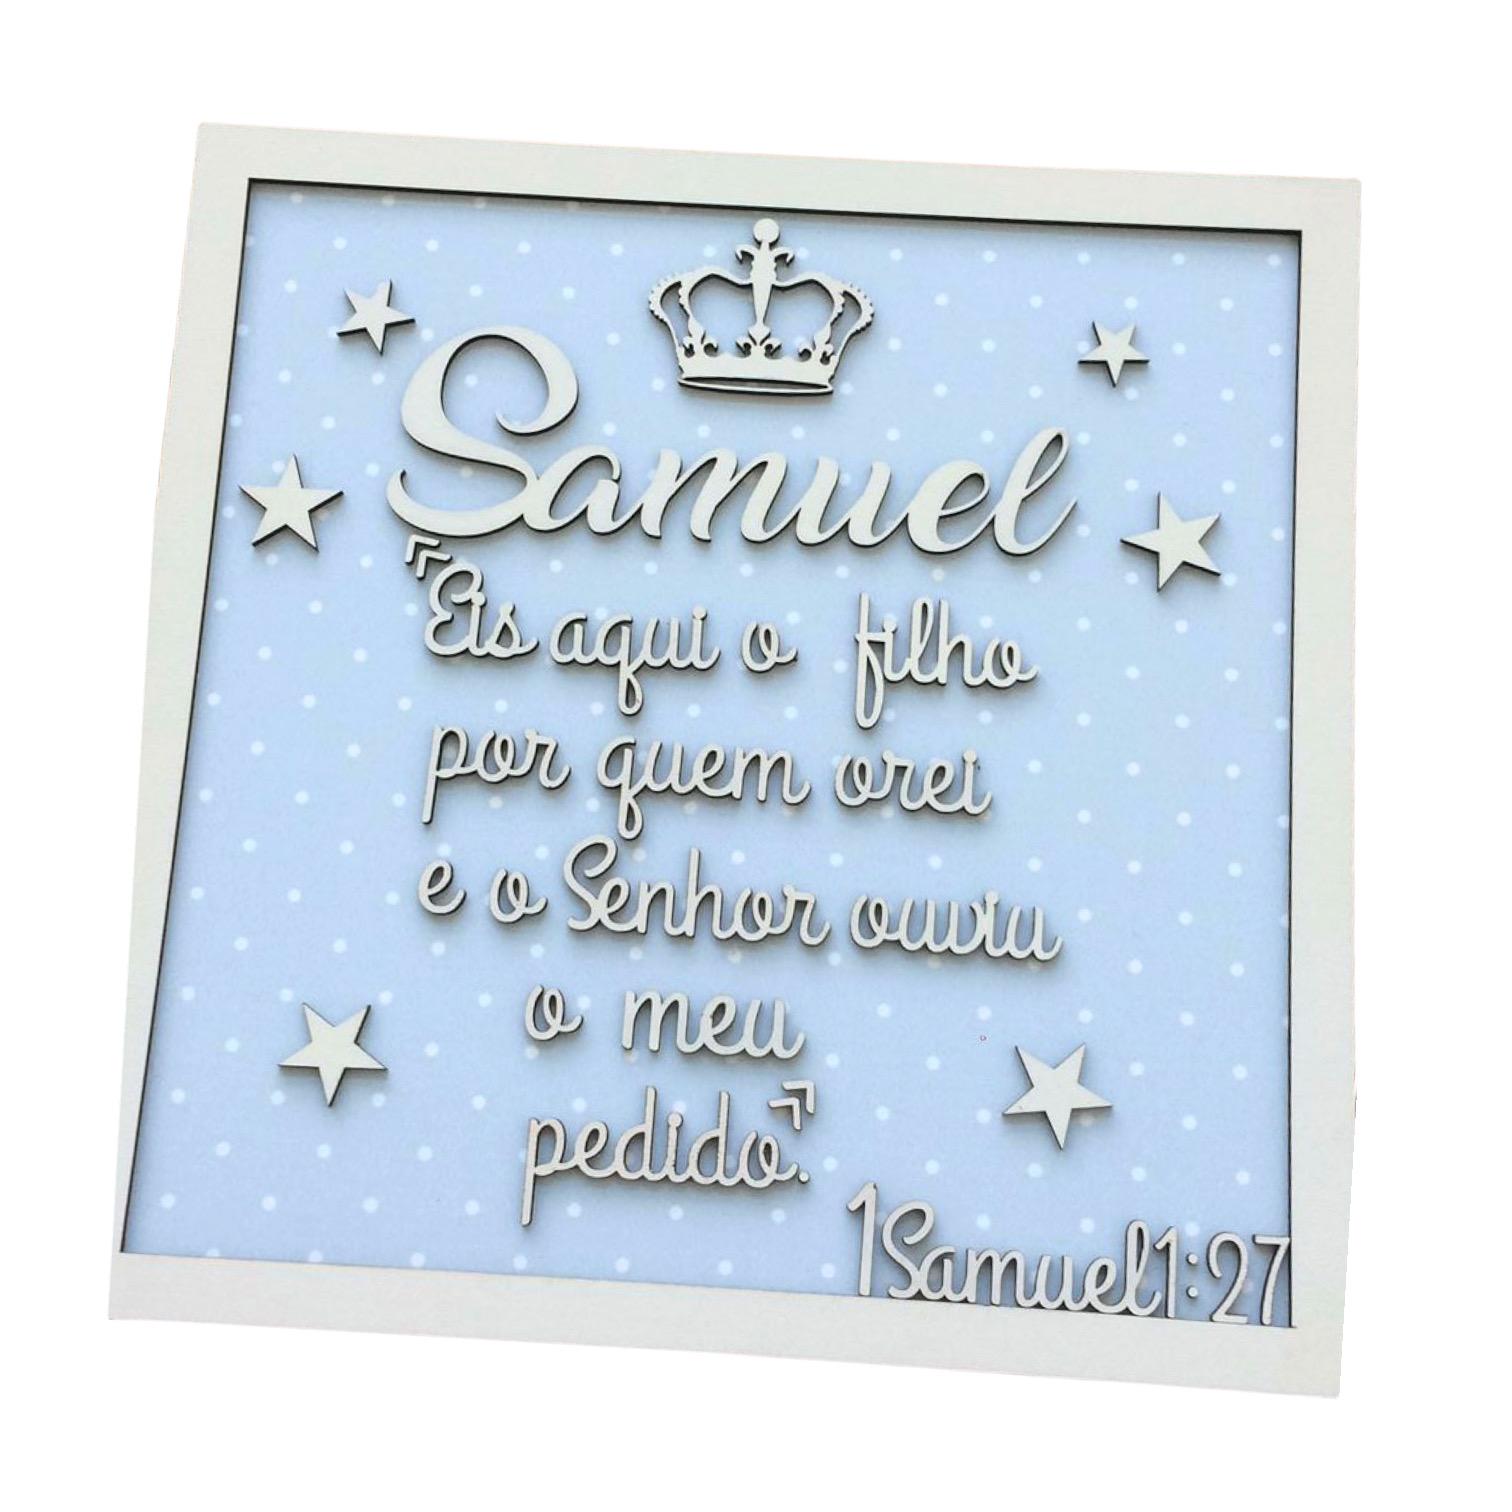 QUADRO PORTA MATERNIDADE FRASE BÍBLiCA 1 Samuel